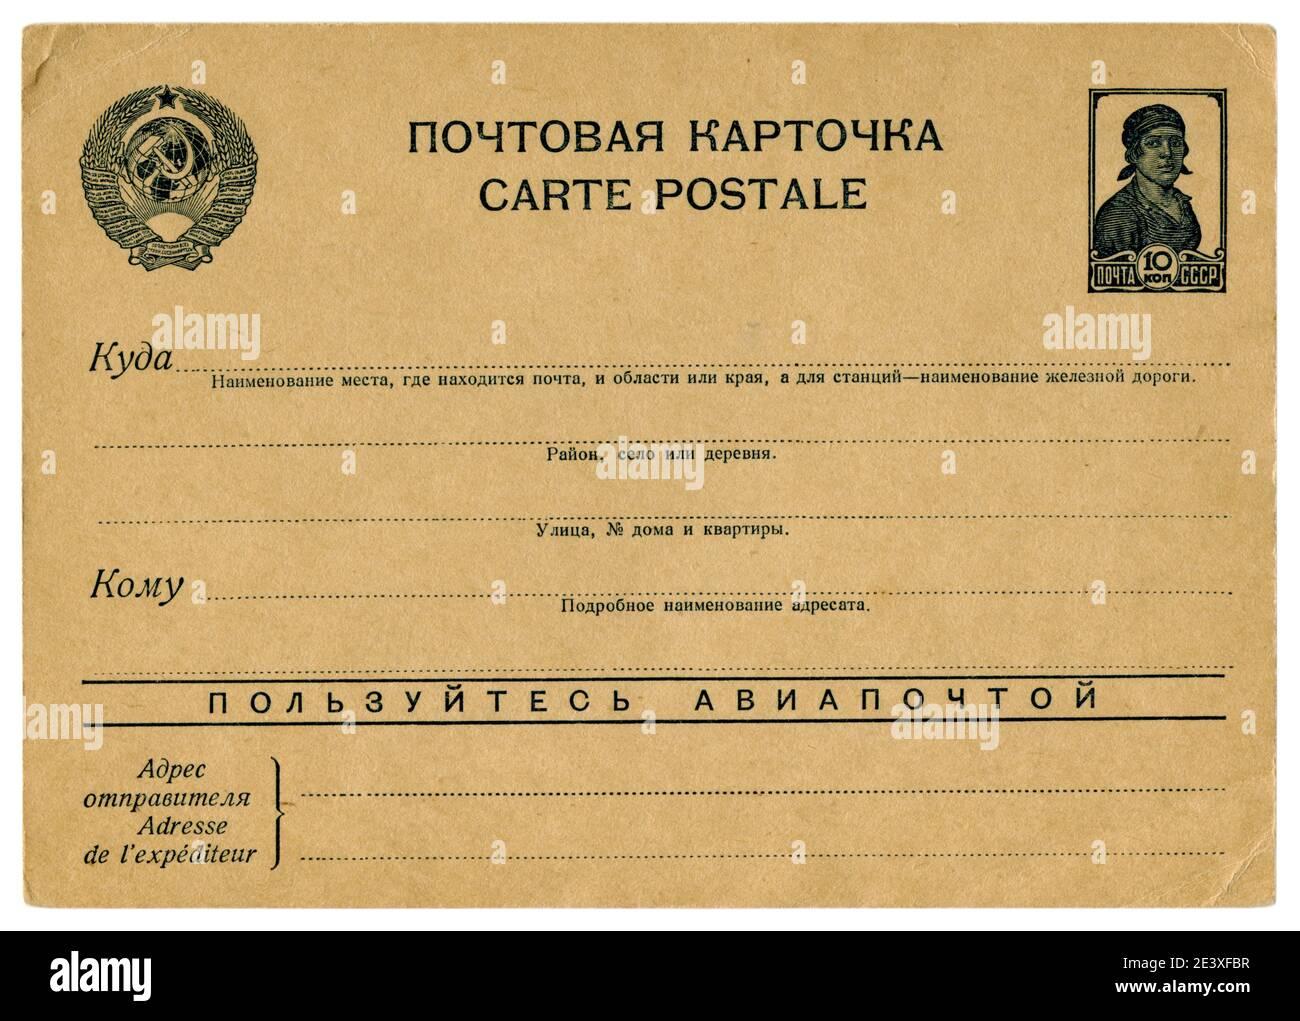 Sowjetische historische Postkarte: Werbung - Agitationspostkarte 'Verwenden Sie die Luftpost' für lokale Korrespondenz, aufgedruckte Briefmarke, Arbeitsfrau, 1939 Stockfoto